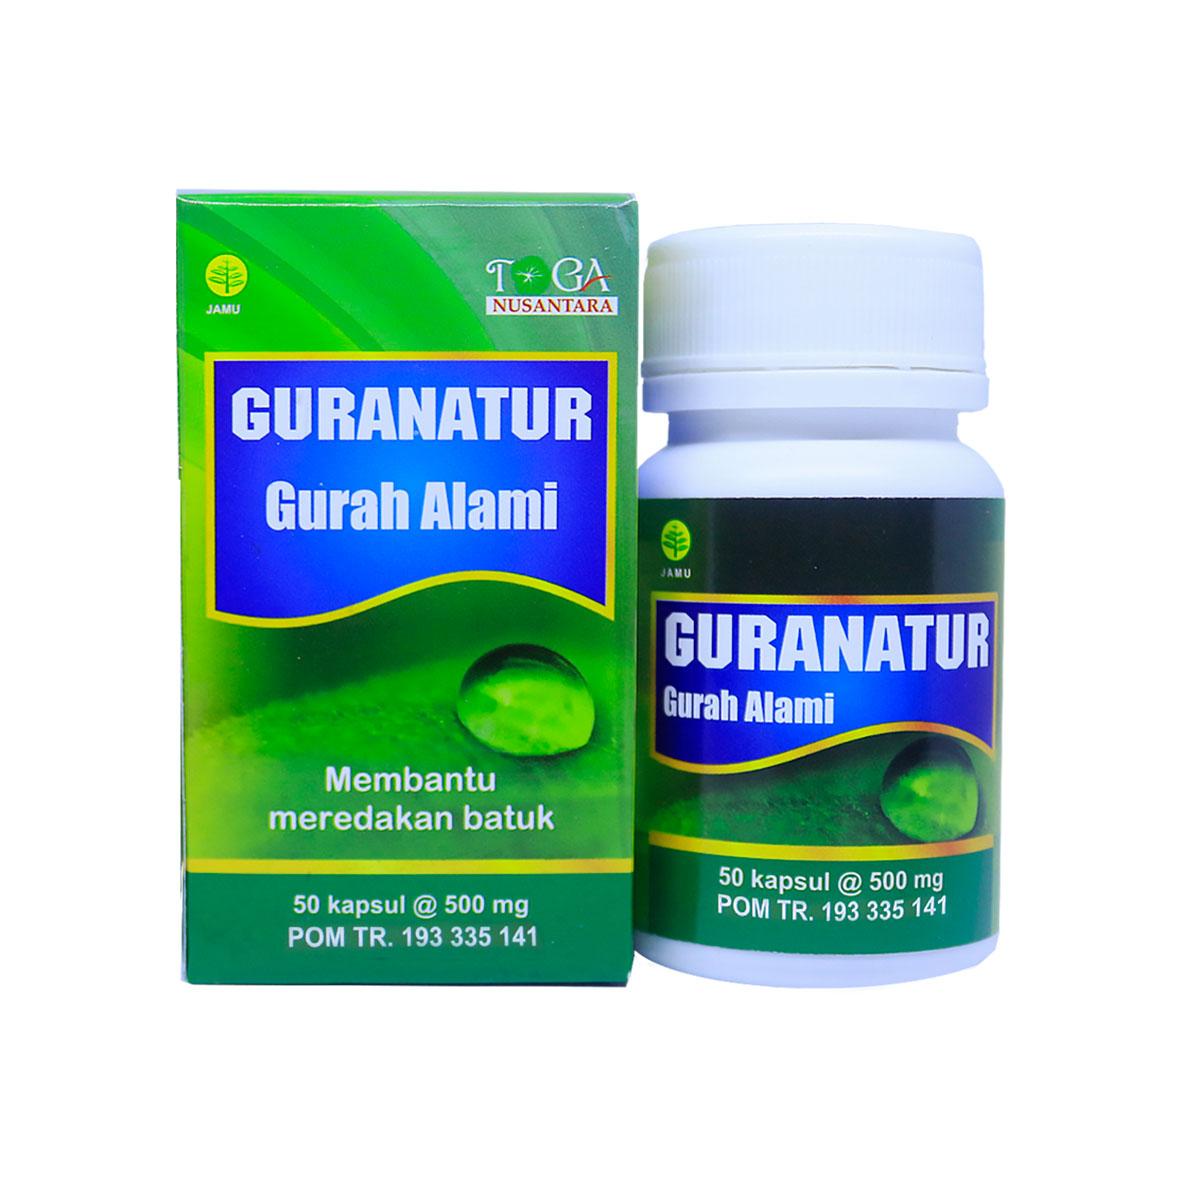 GURANATUR